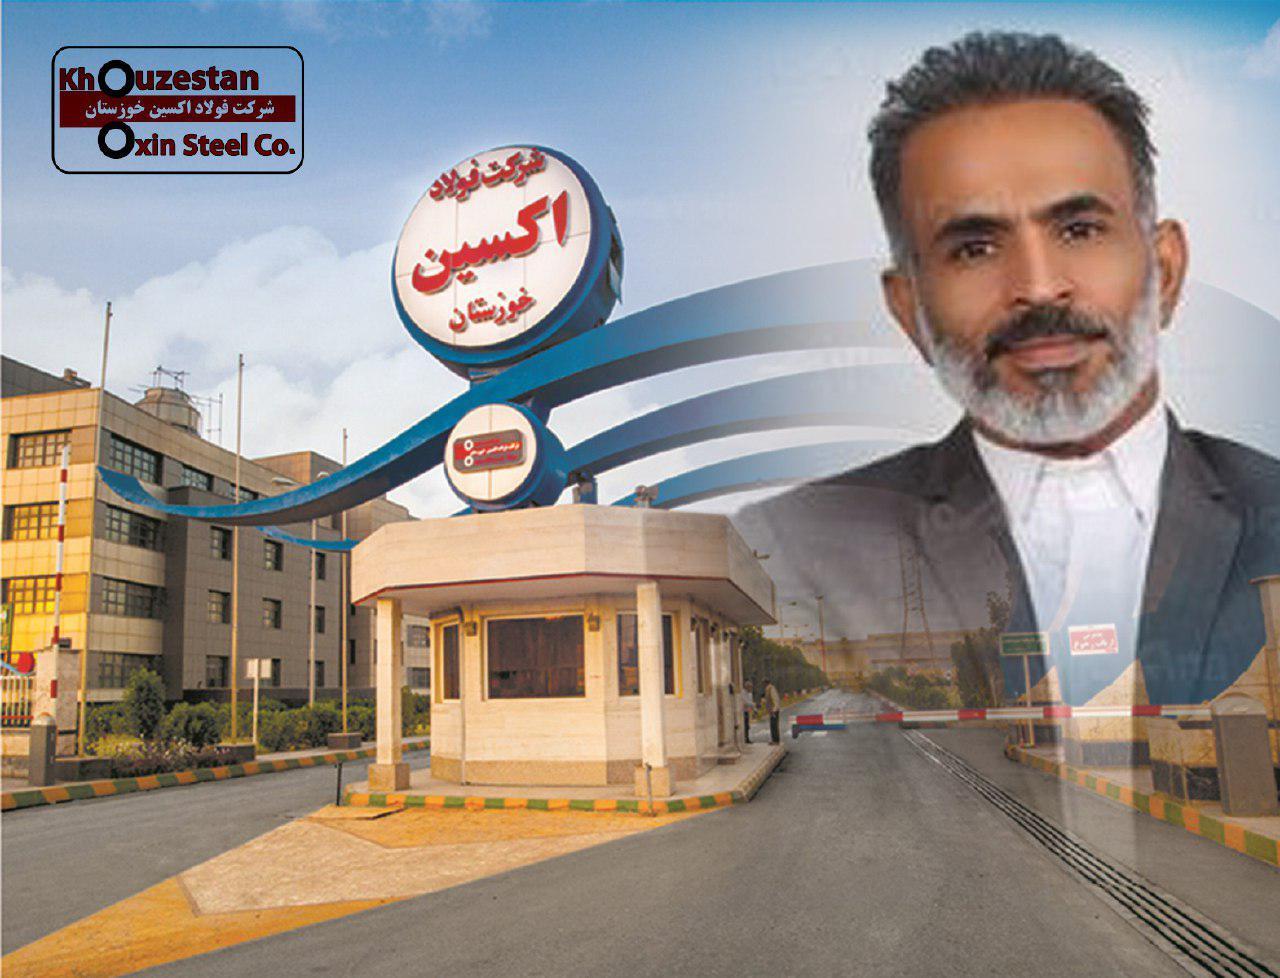 تذکر نماینده اهواز به وزیر کار برای انتقال سهام فولاد اکسین به شستا